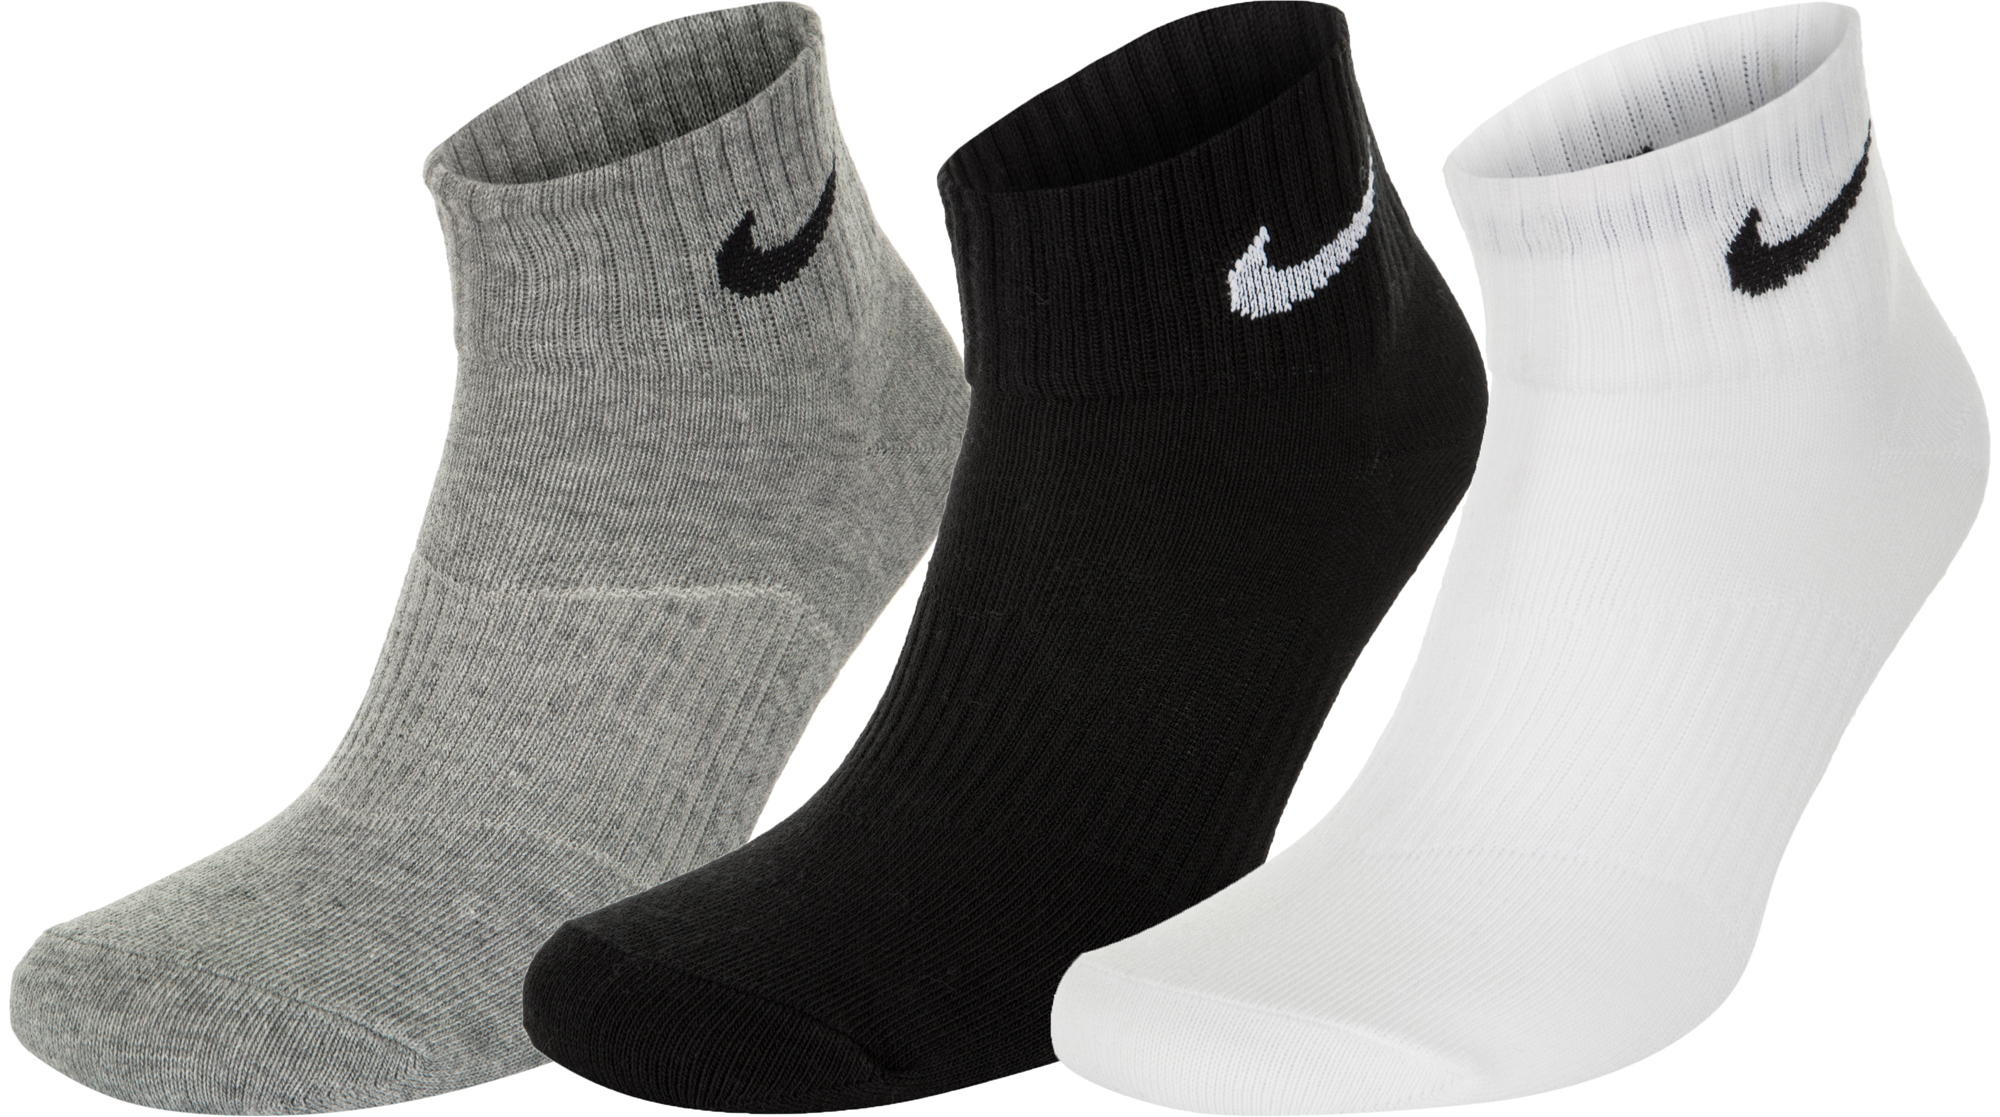 Nike Носки  Lightweight Quarter, 3 пары, размер 41-45